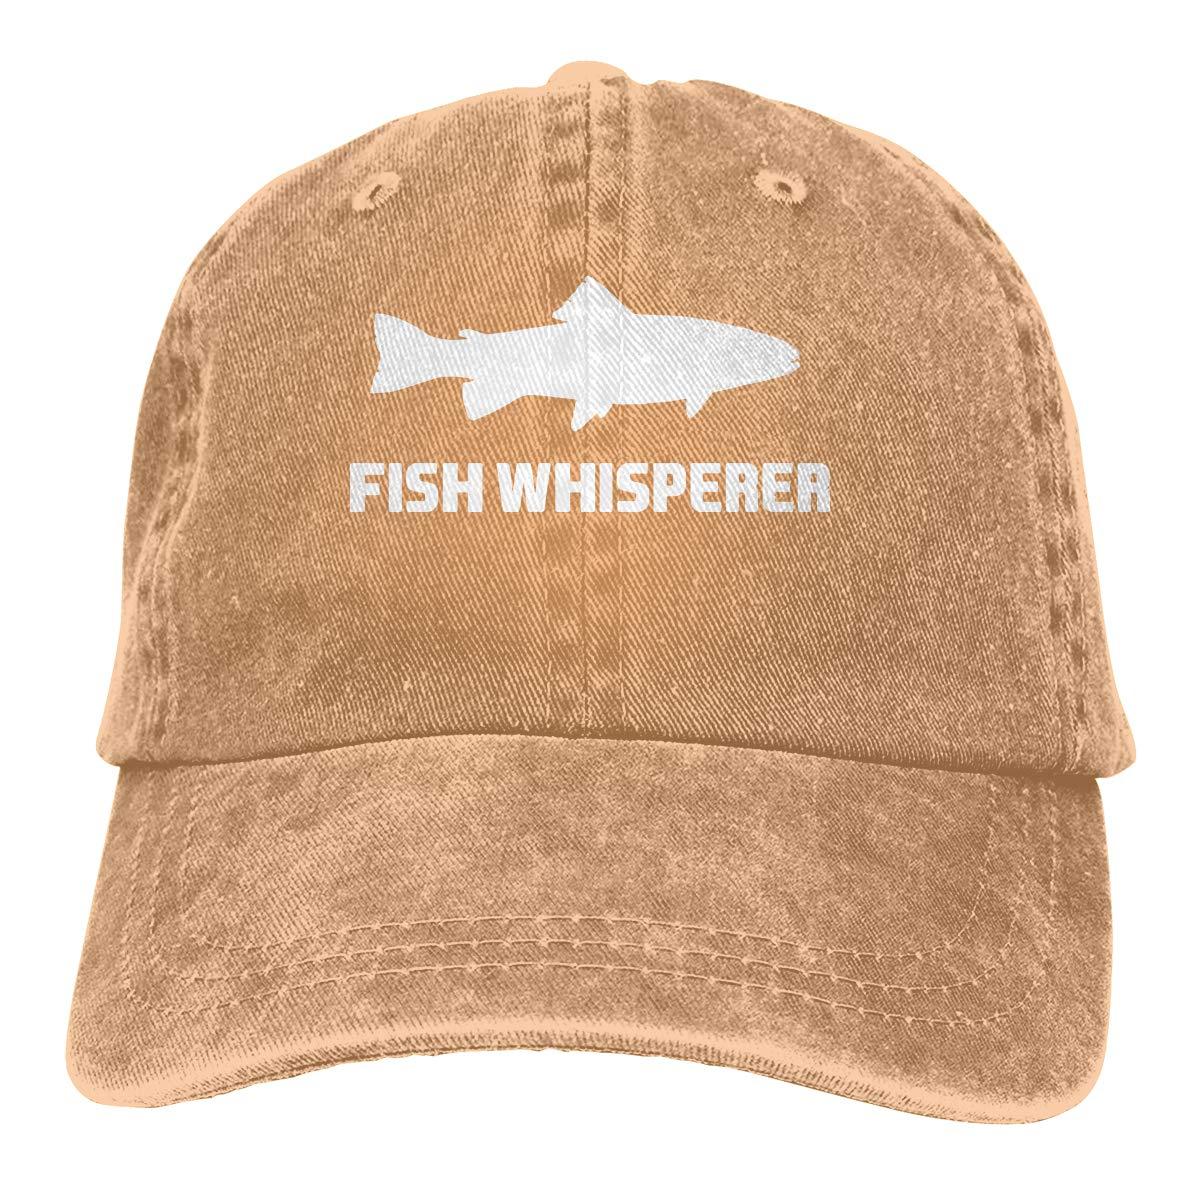 Fish Whisperer Salmon Unisex Trendy Denim Sun Hat Adjustable Baseball Cap